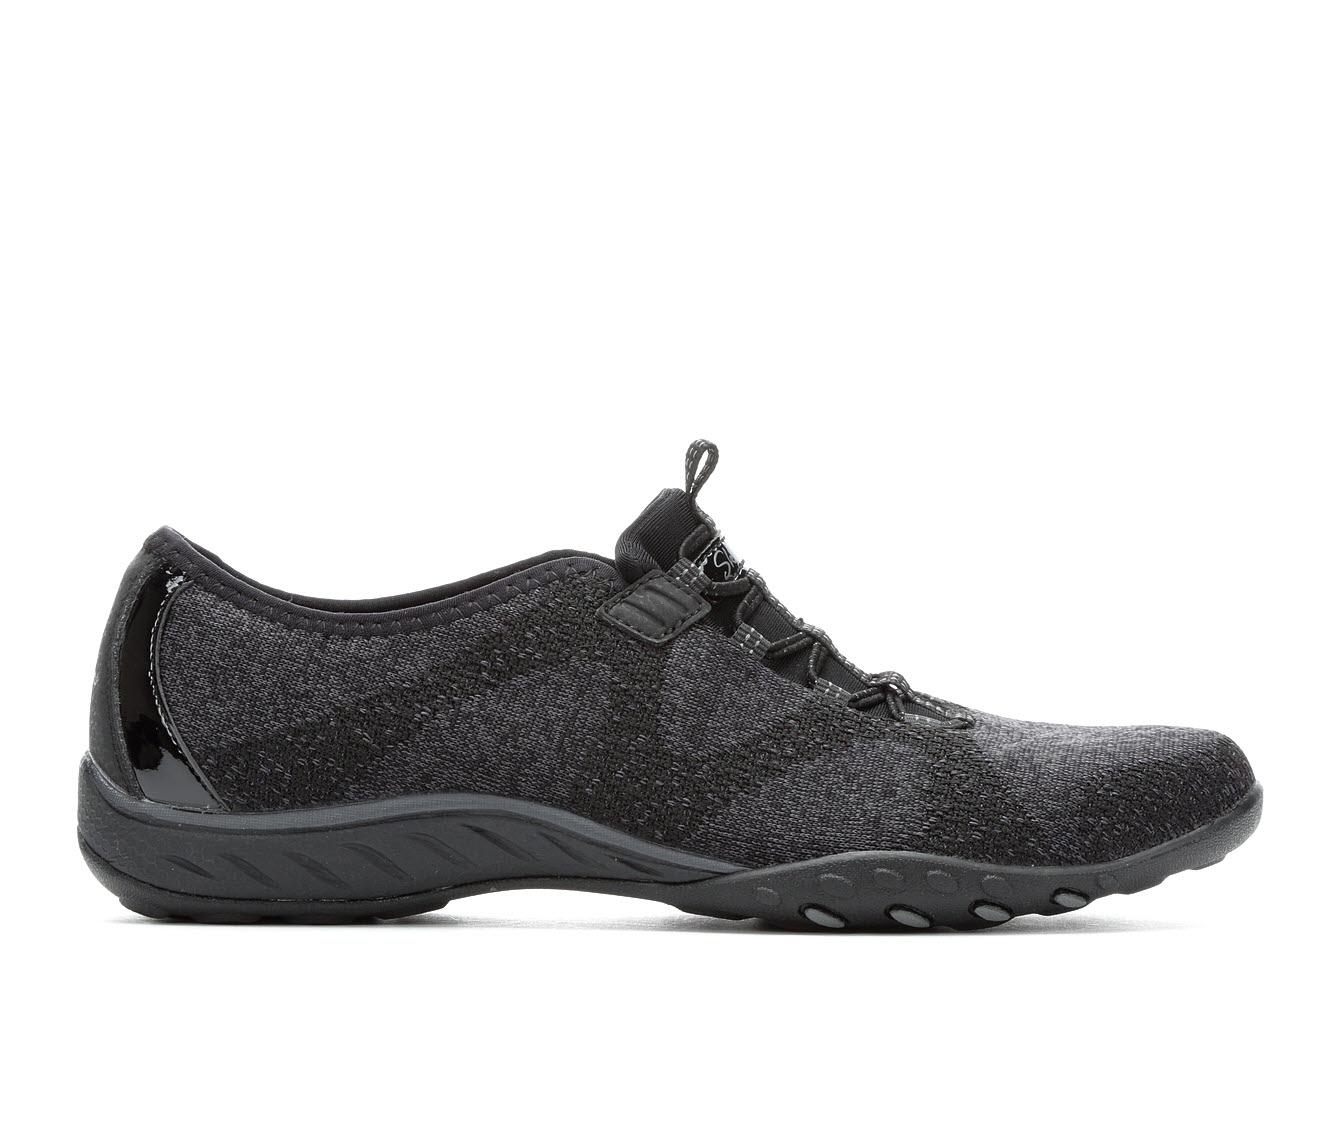 Skechers Opportunknity 23855 Women's Shoe (Black Canvas)